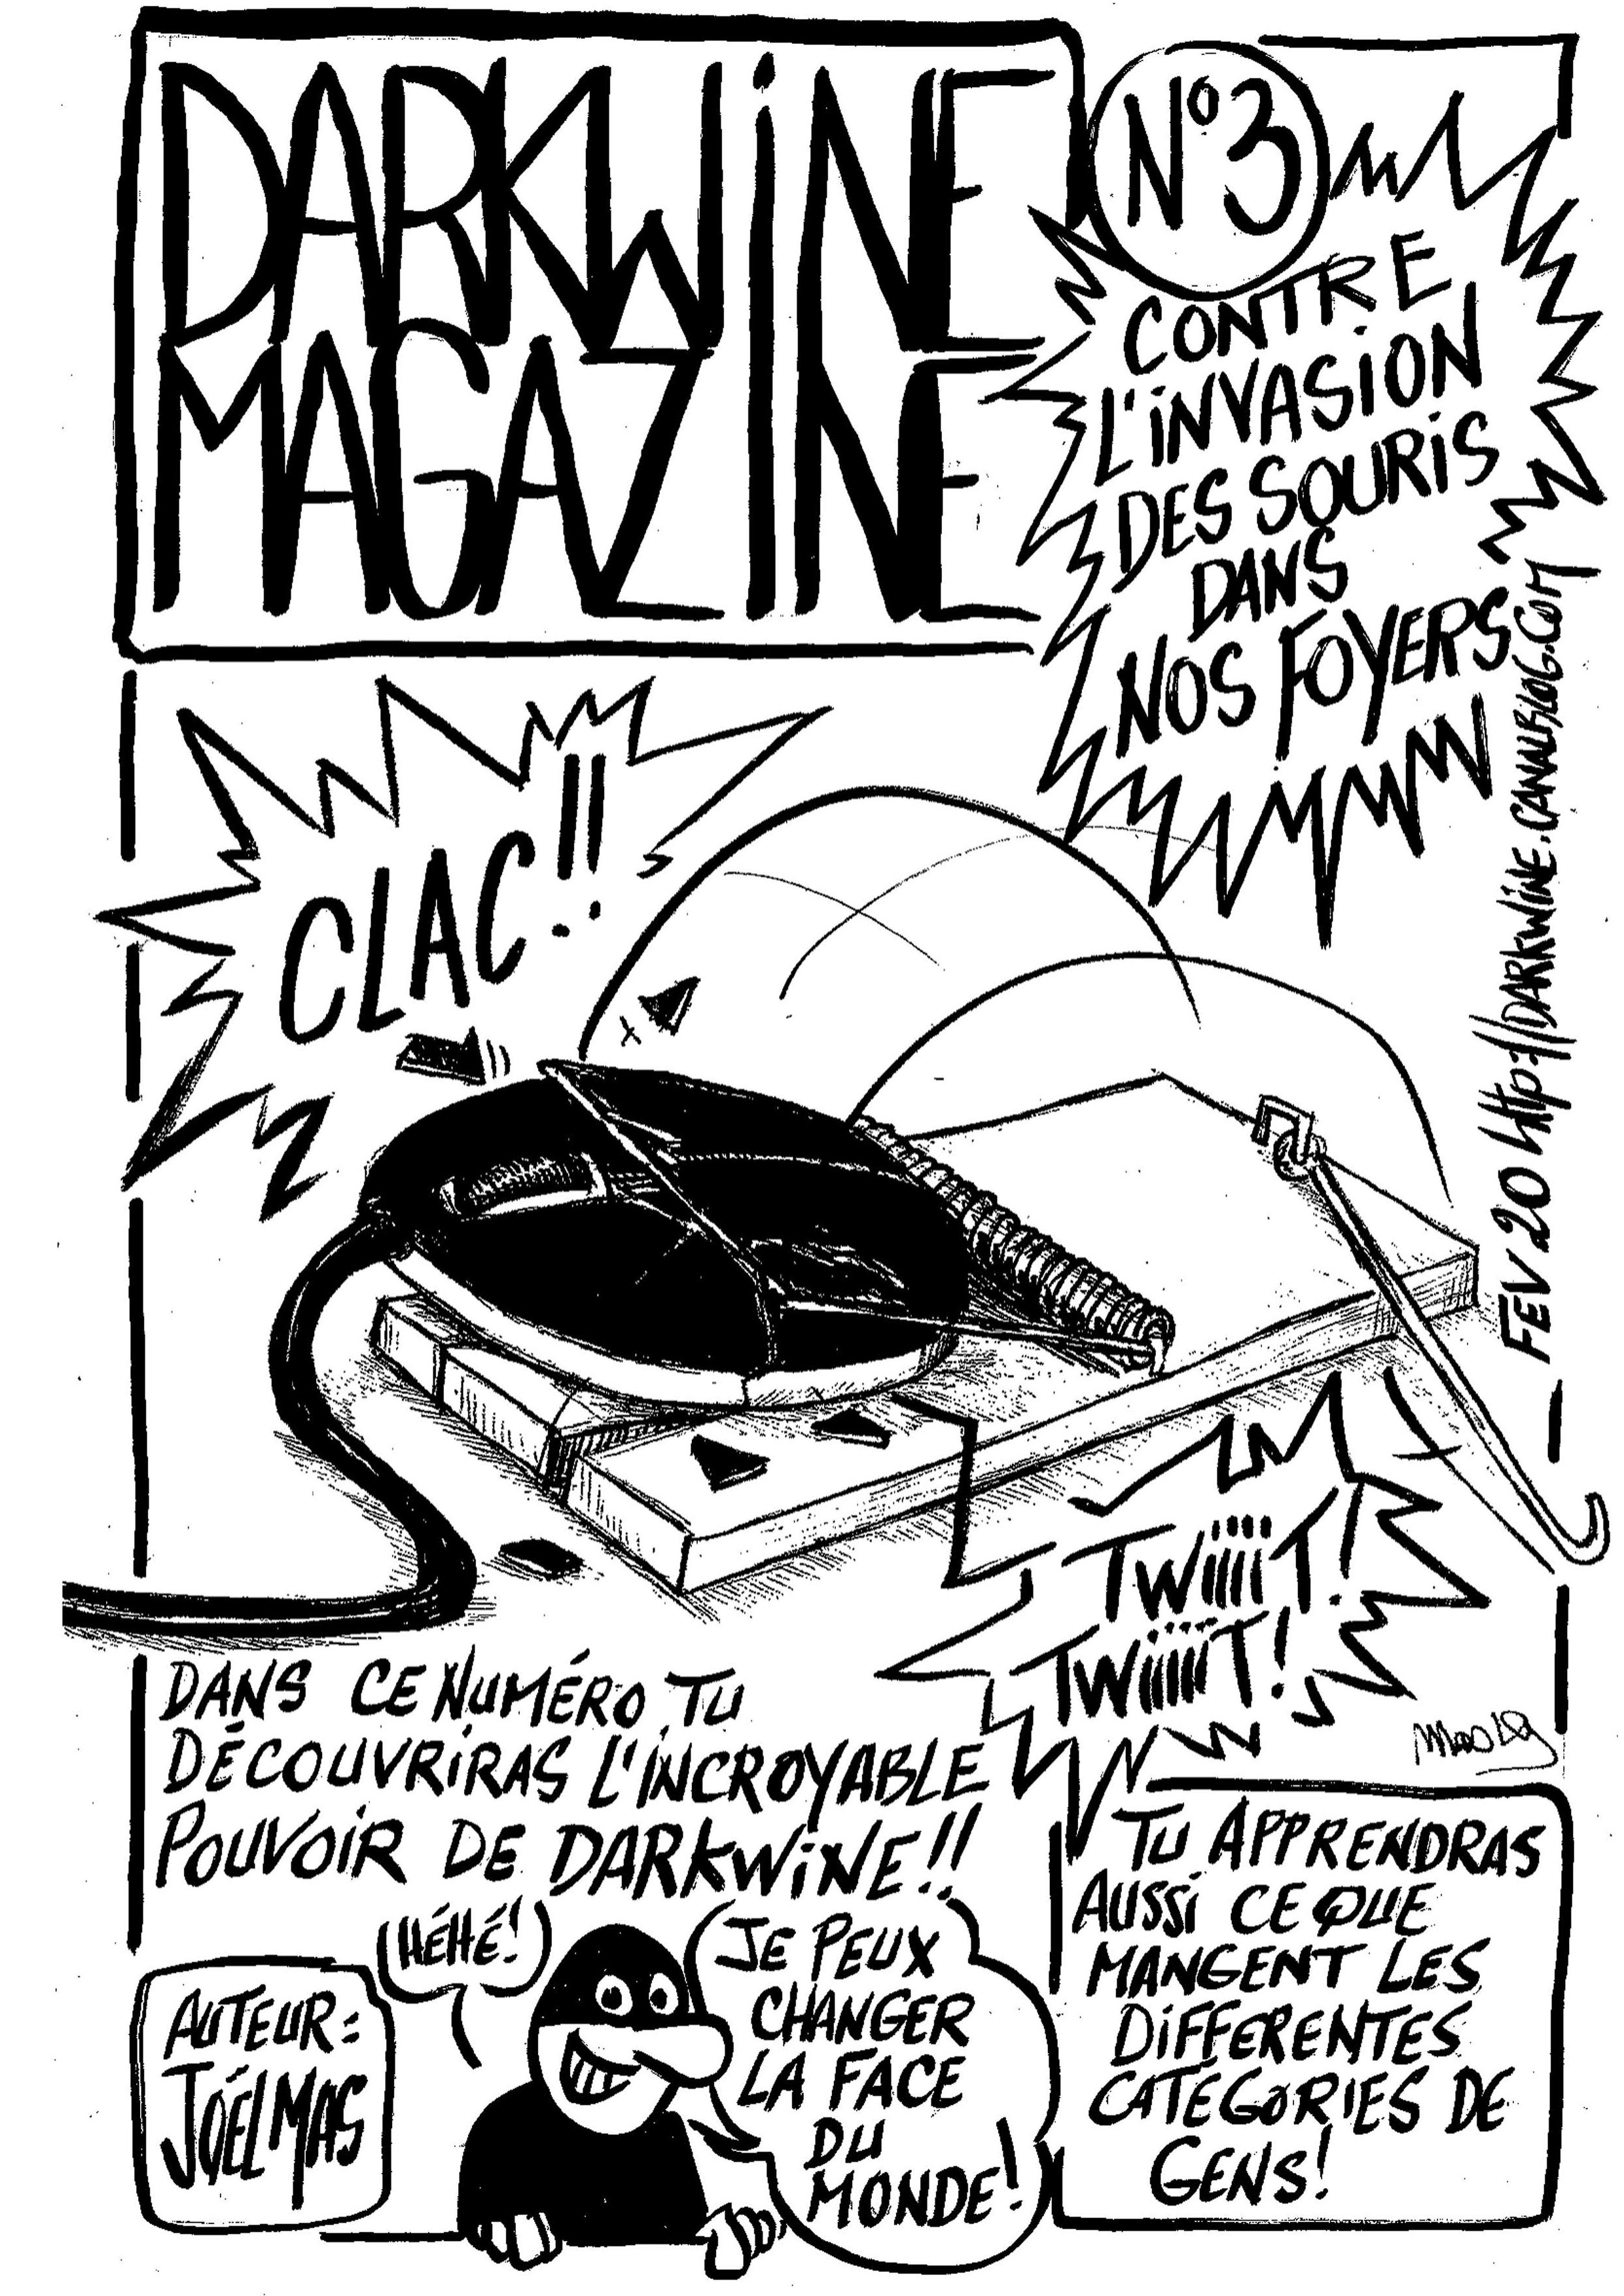 Darkwine Magazine 3